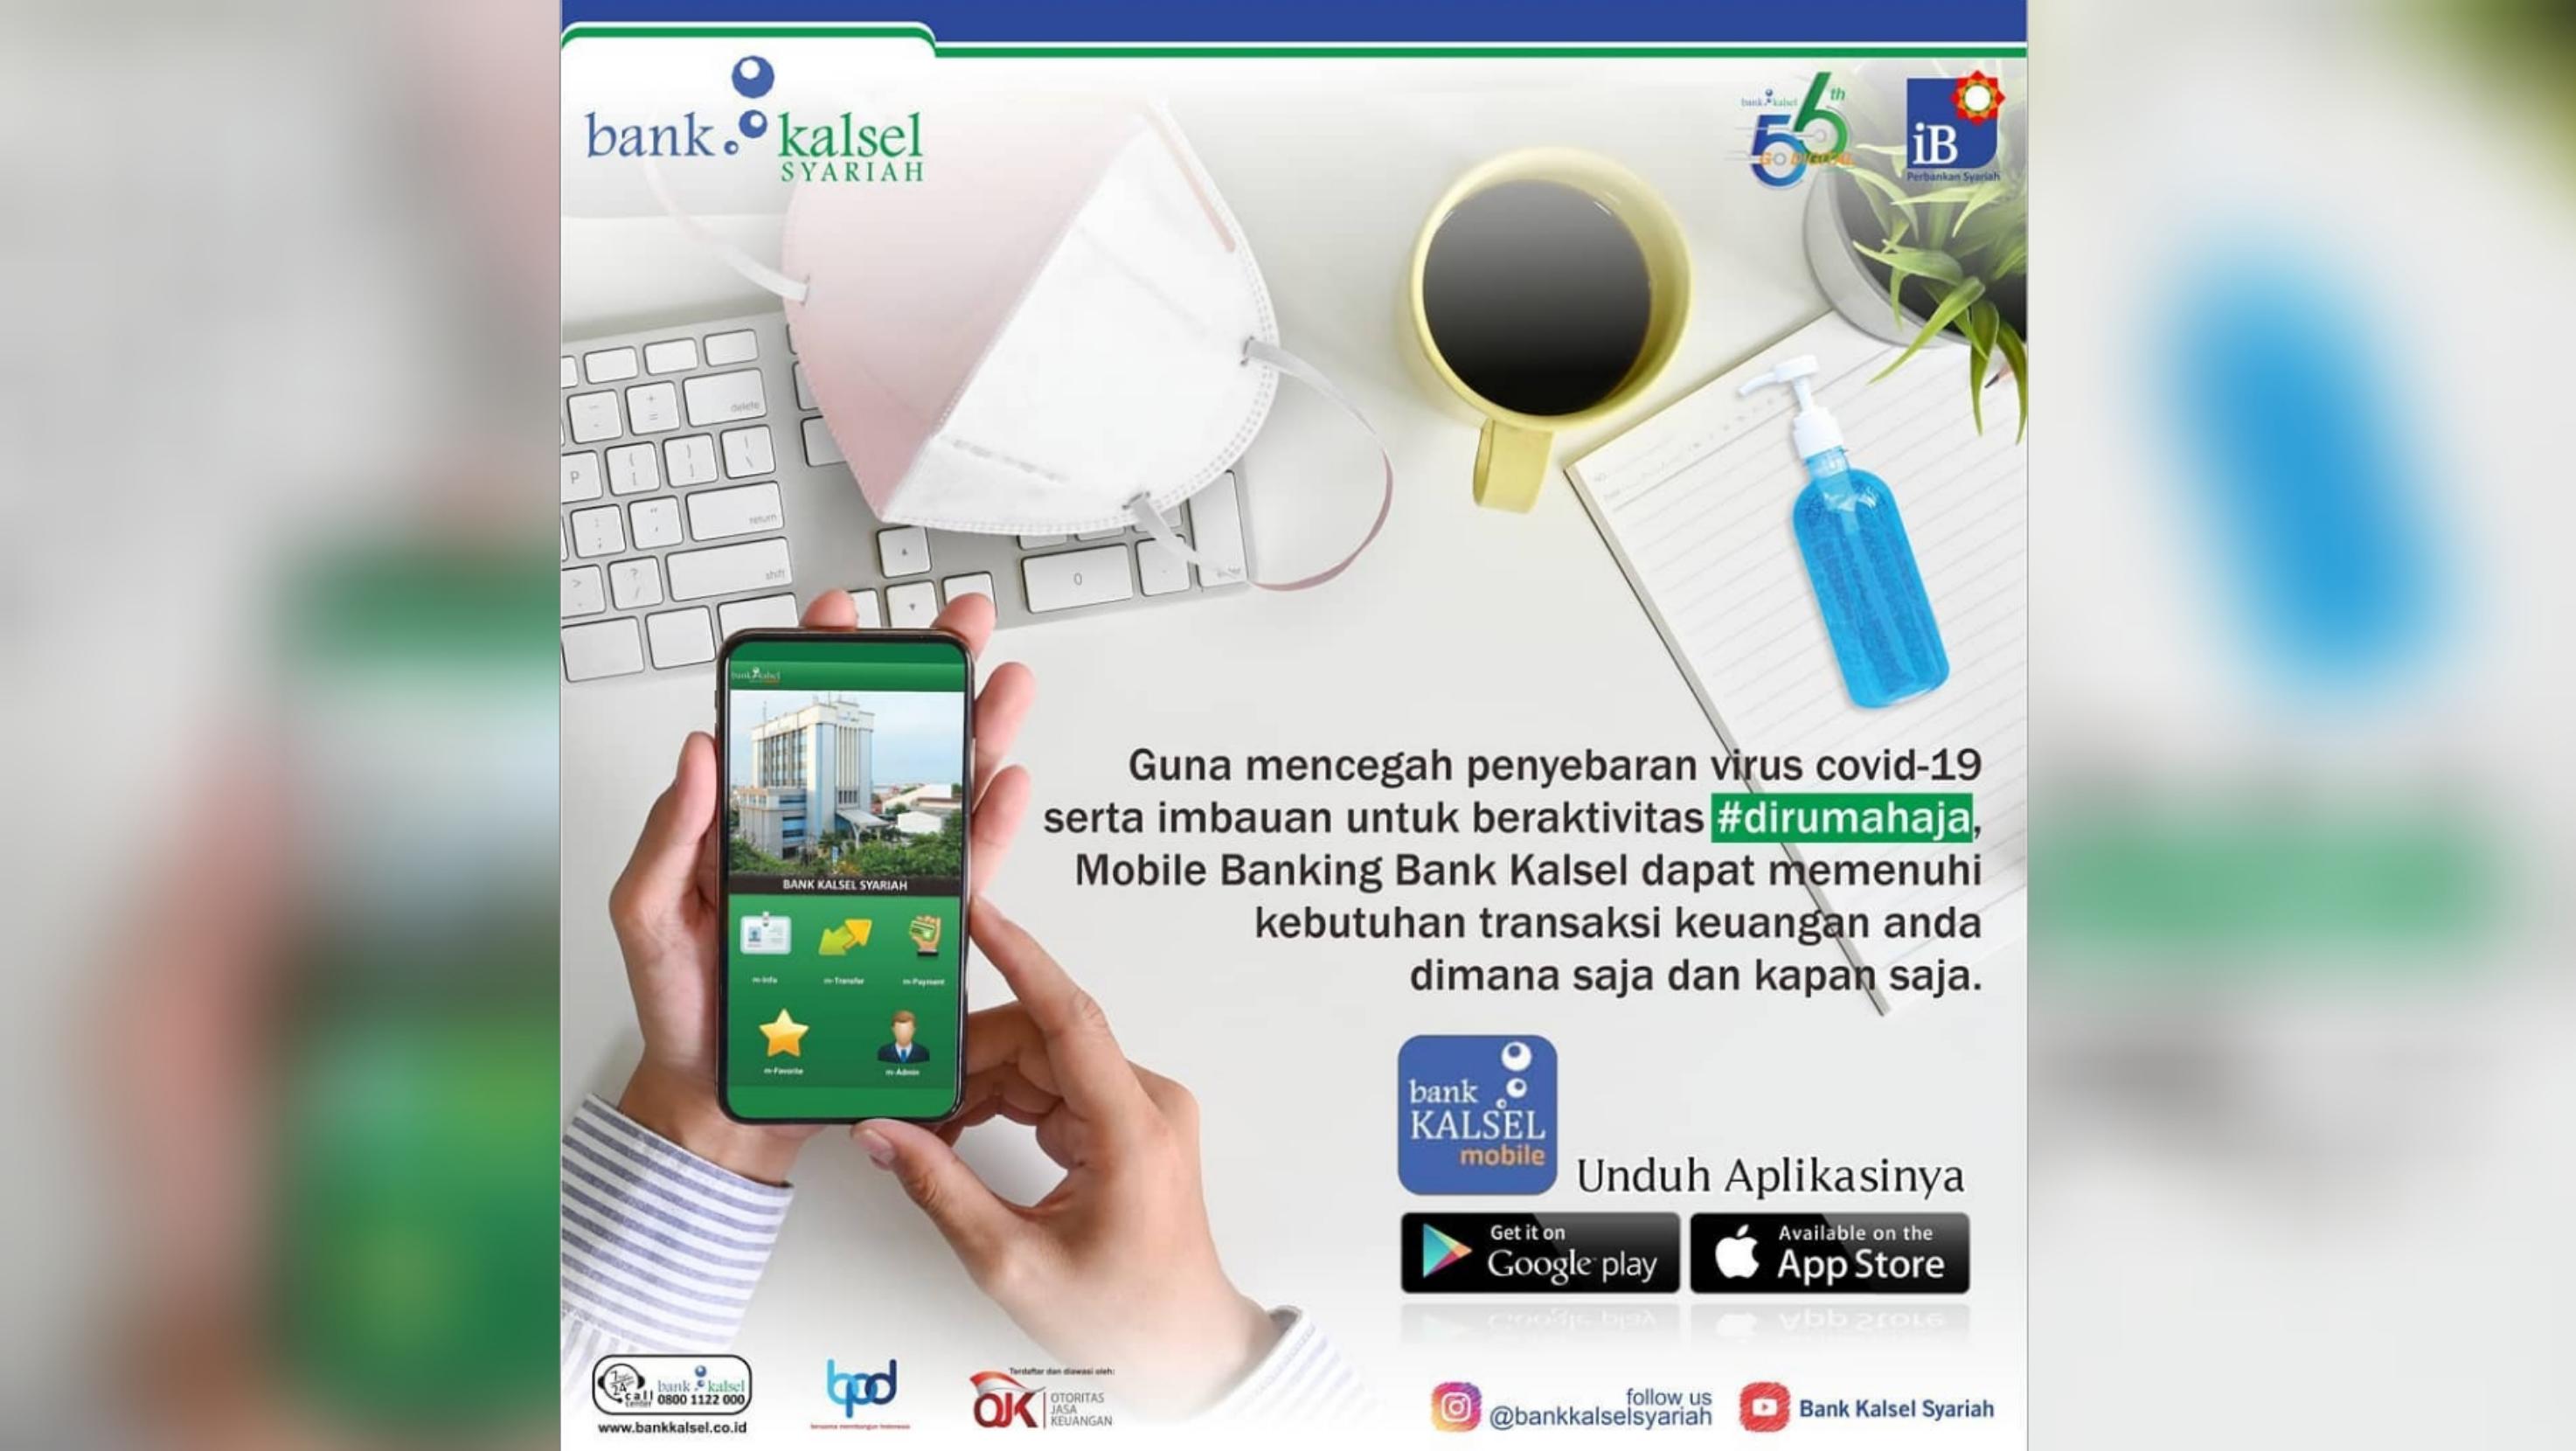 LEBIH AMAN dan Mudah Dipastikan Bank Kalsel Bertransaksi dengan Mobile Banking